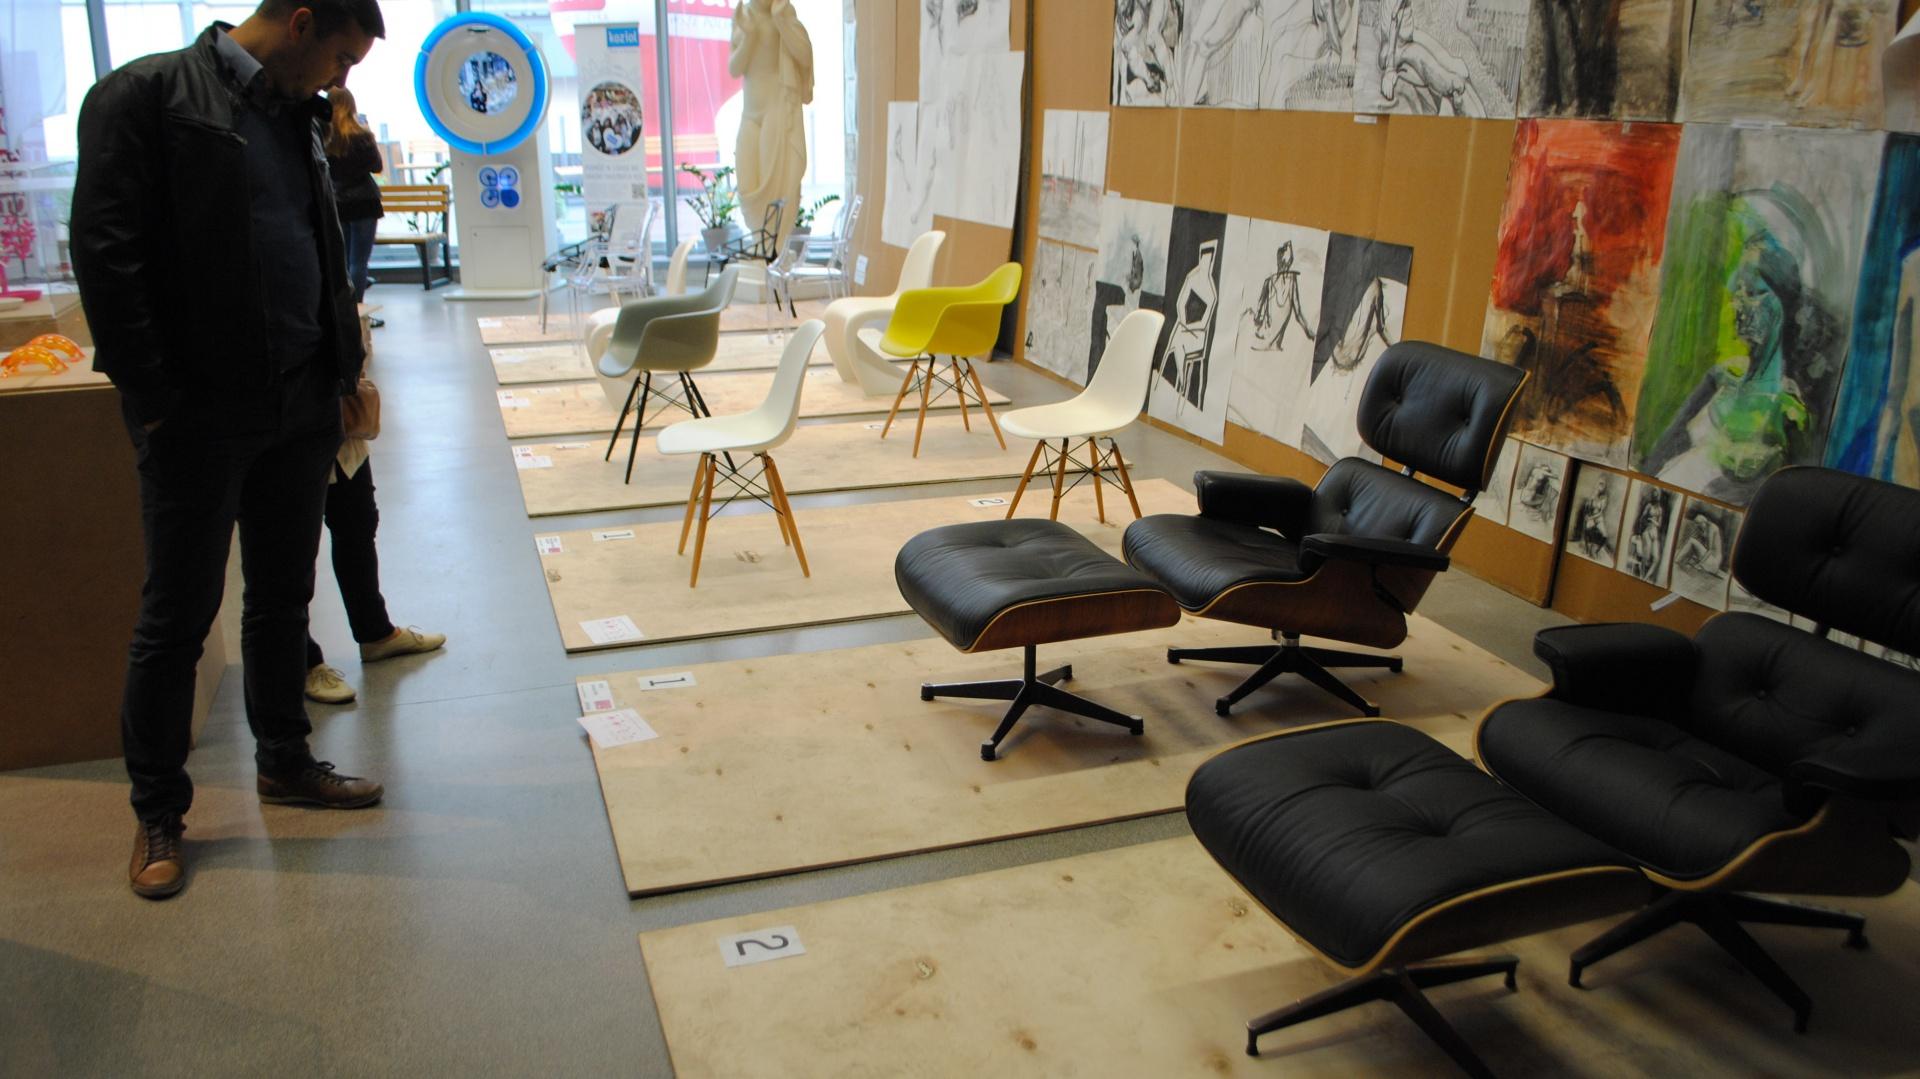 Podczas inauguracji wystawy organizatorzy chcieli pokazać dlaczego nabywanie oryginalnych produktów bardziej się opłaca. Wystawa powstała przy współpracy z Fabryką Form, Koziol Traum kugel oraz Vitrą. Fot. Piotr Sawczuk